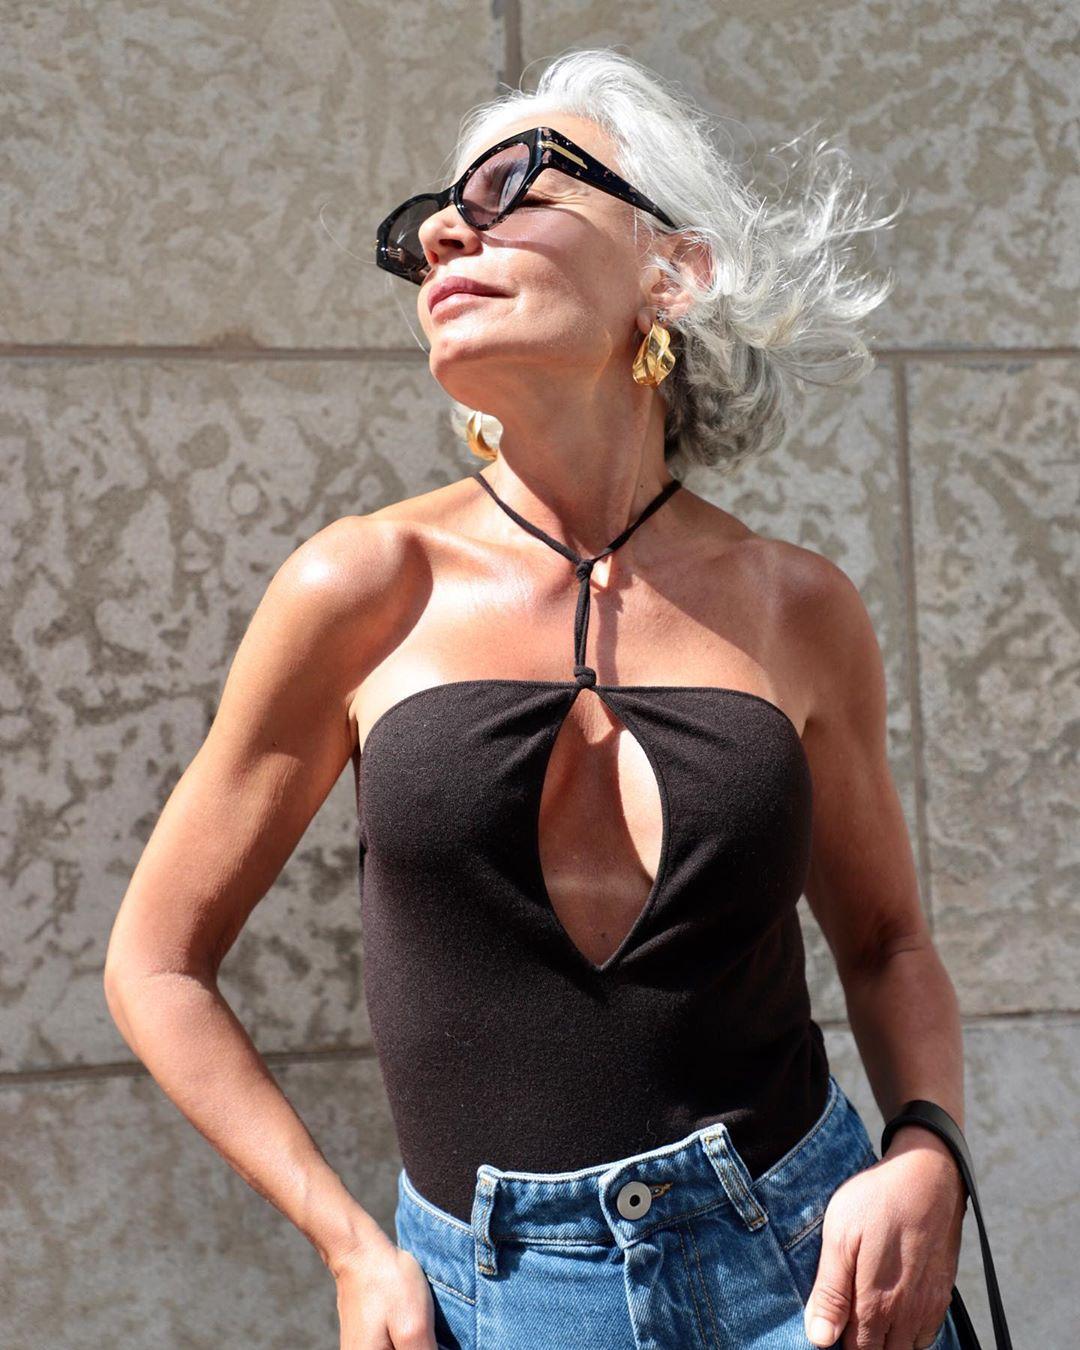 Fashionista 56 tuổi chia sẻ bước dưỡng da, chăm tóc mỗi ngày: Sáng uống 2 cốc nước ấm, tóc bạc từ tuổi 20 nhưng chẳng buồn nhuộm - Hình 6